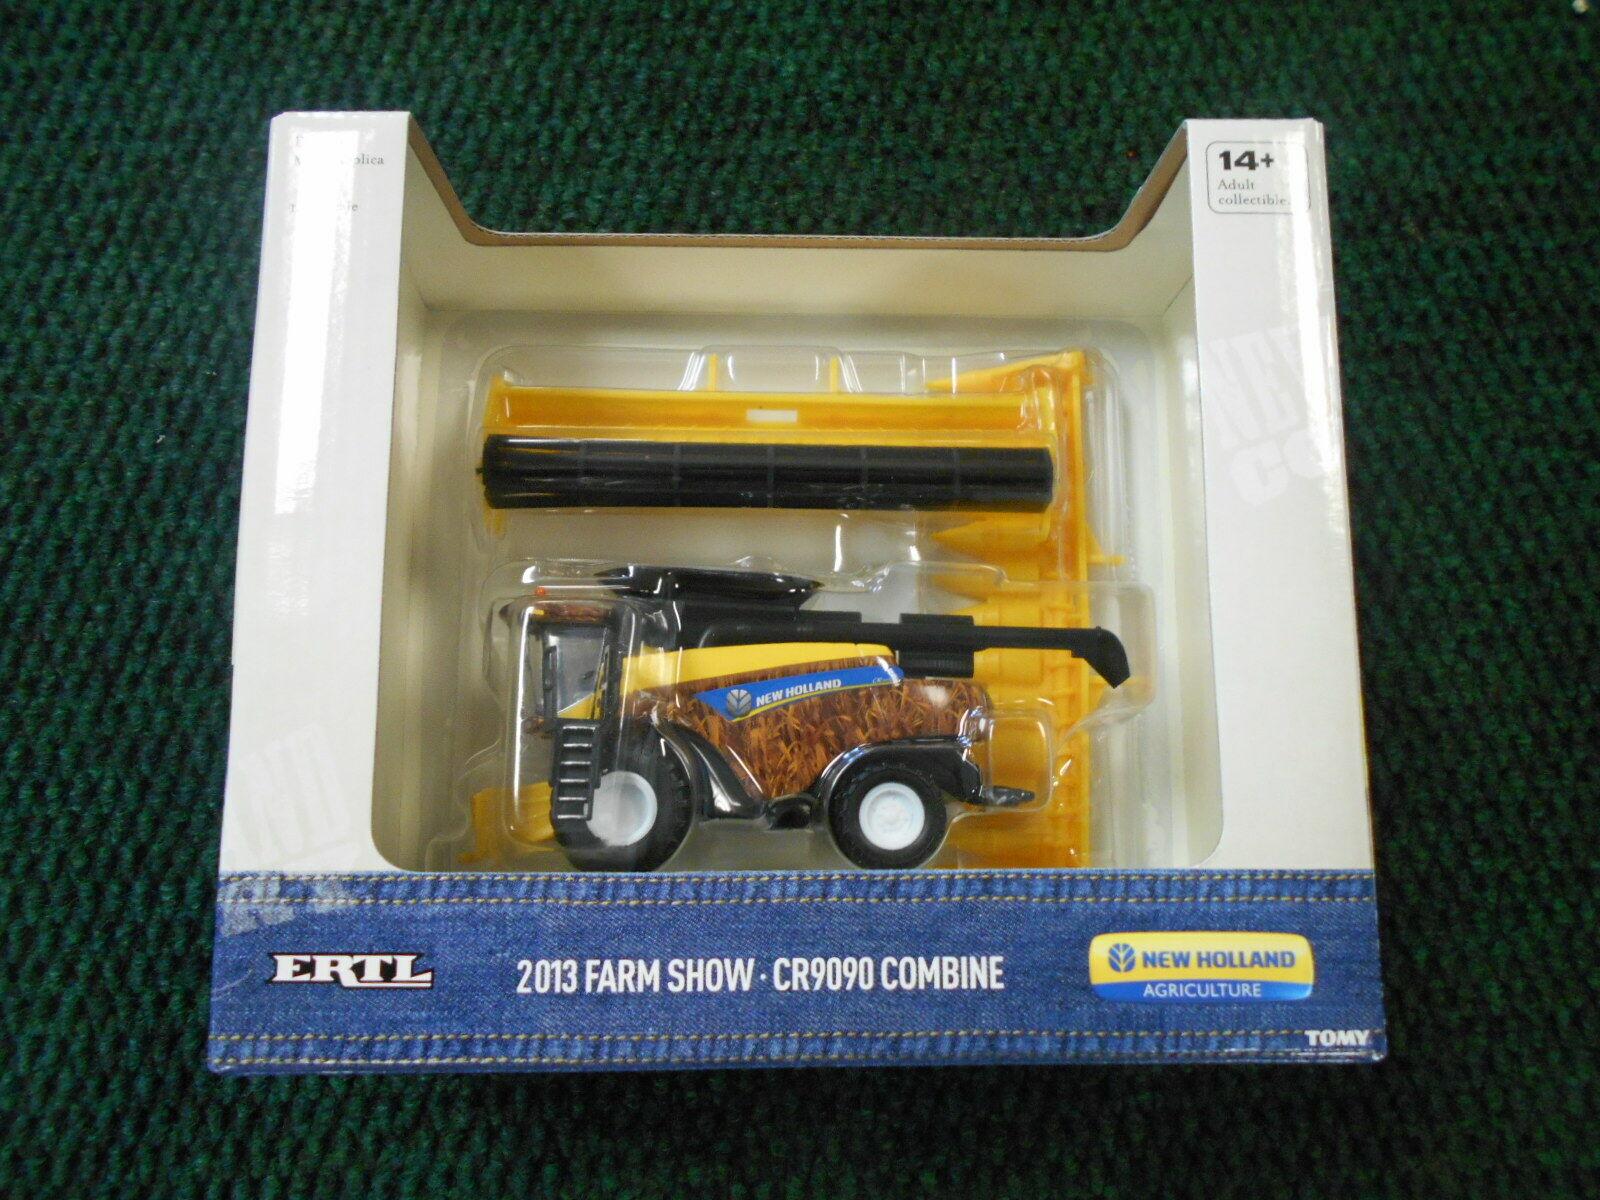 NEW HOLLAND CR9090 COMBINE // 2013 FARM SHOW EDITION // ERT 13849A